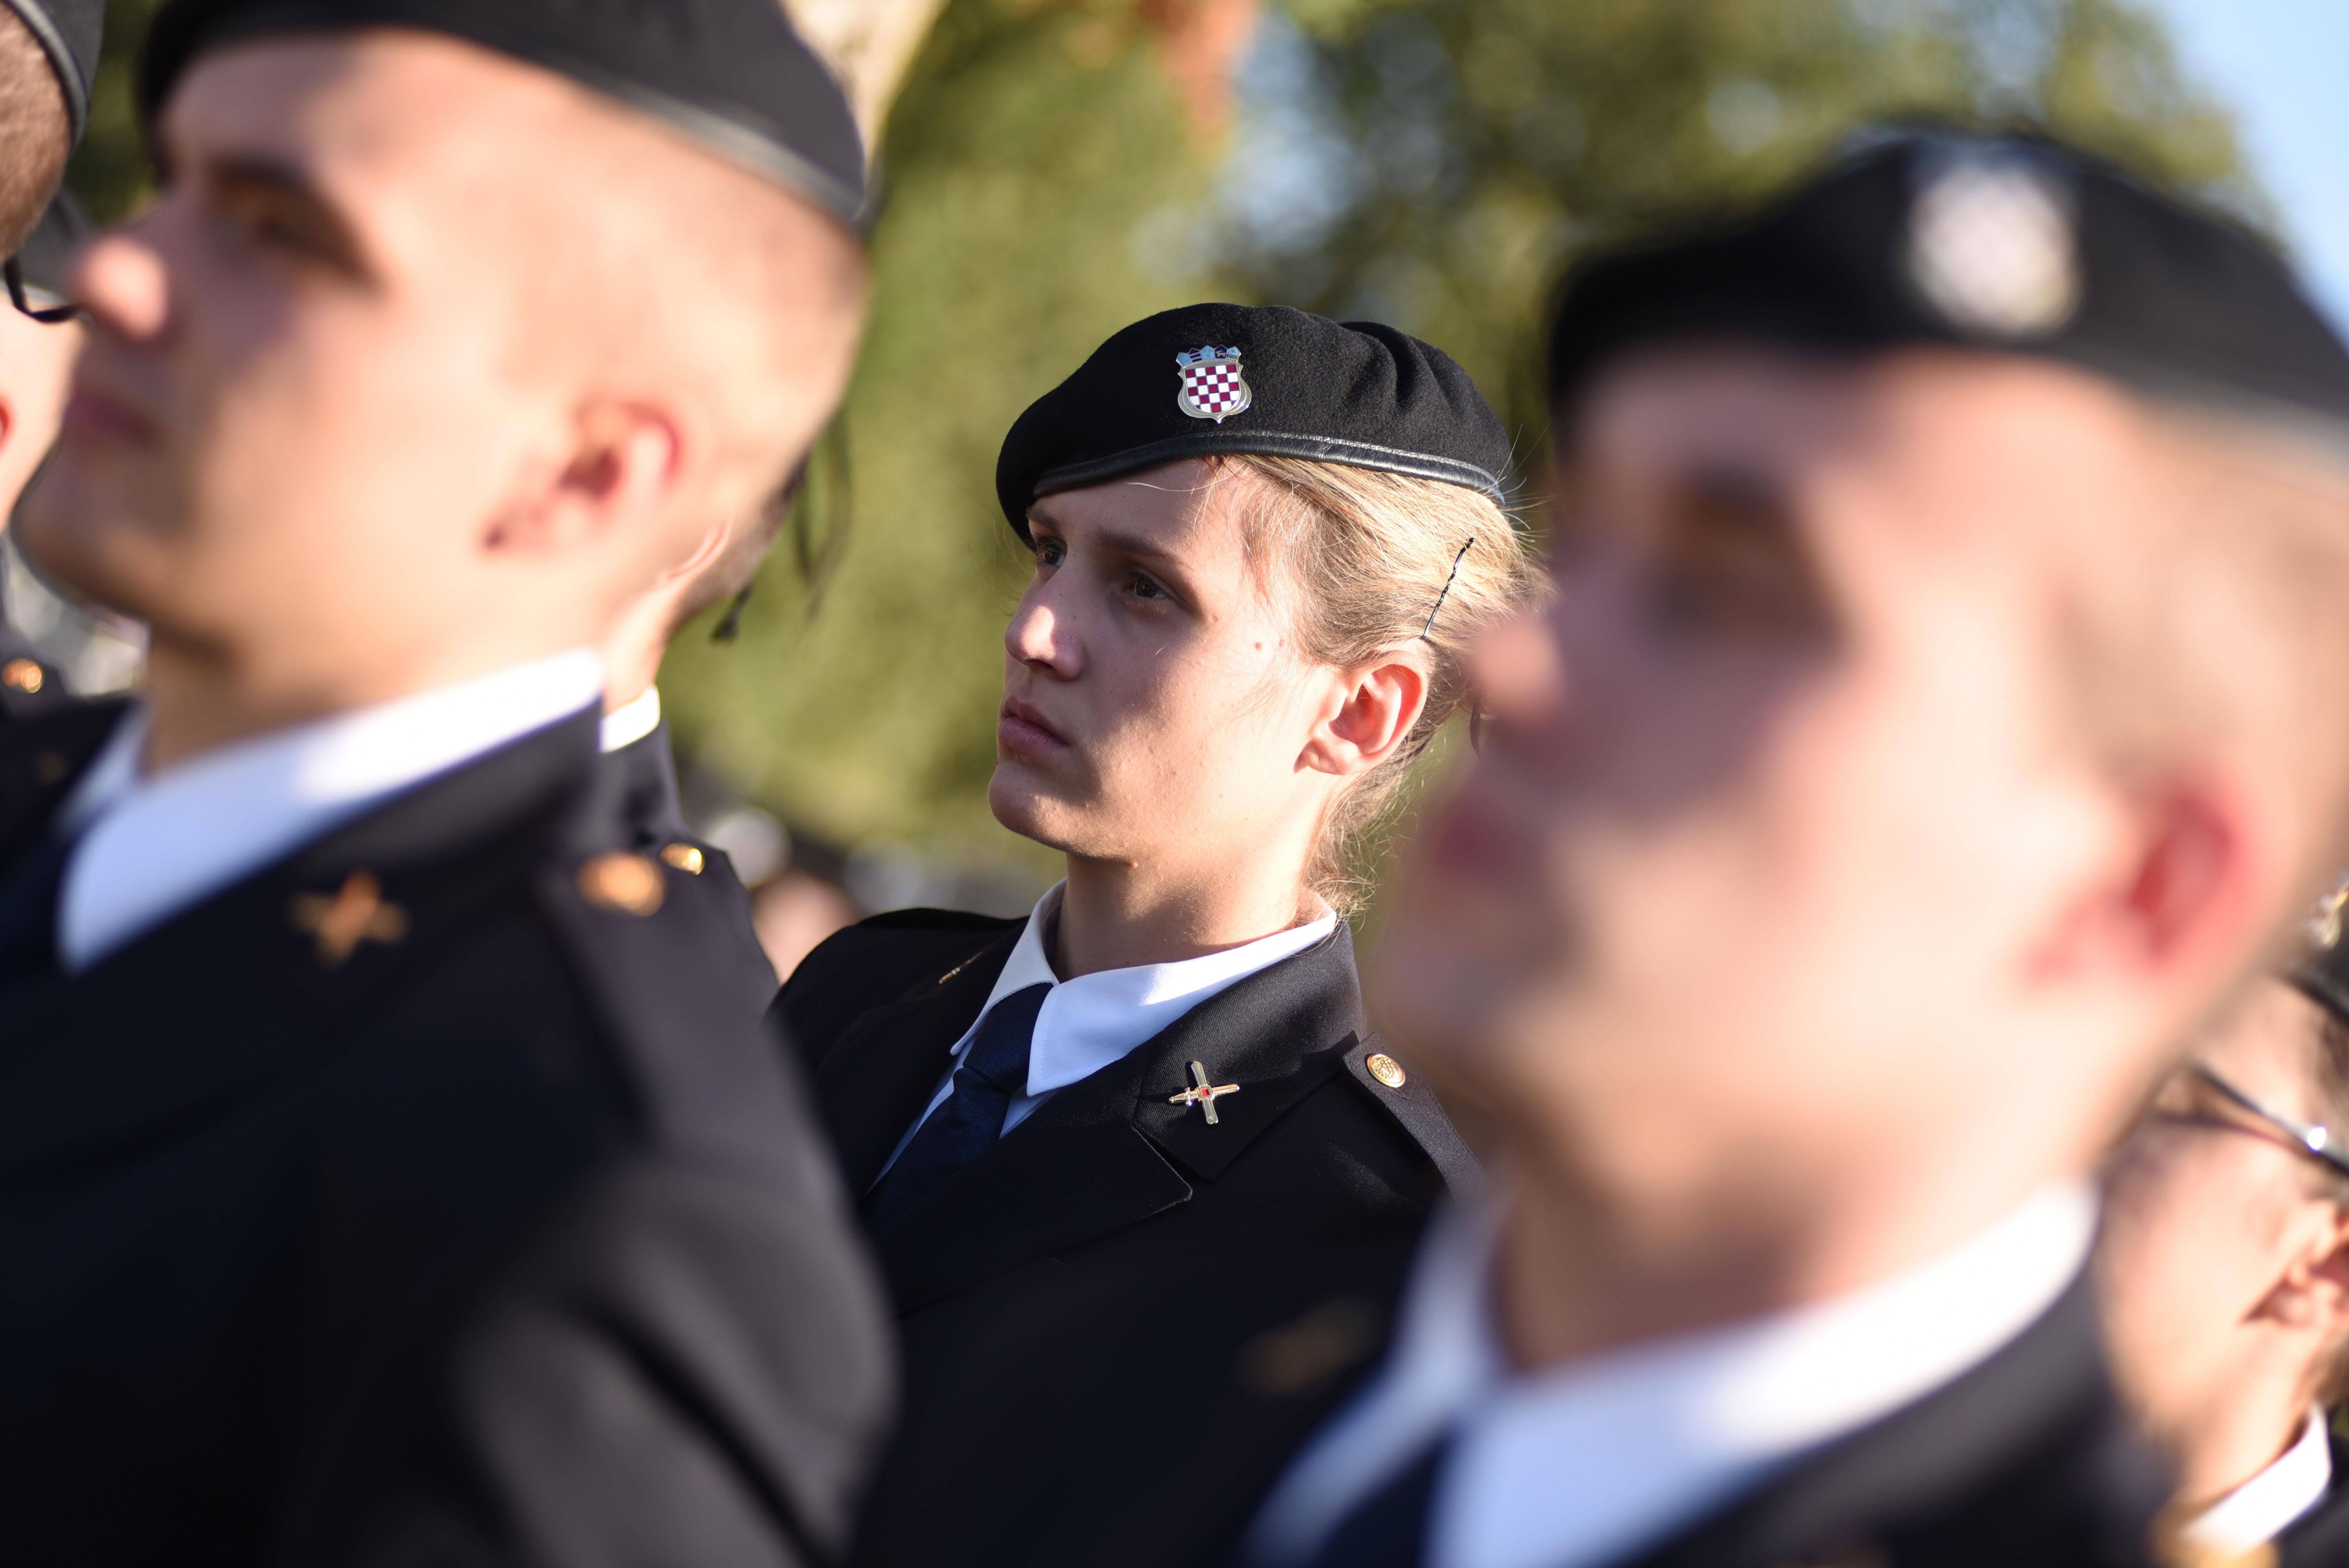 Obilježena 24. godišnjica pogiblje generala Andrije Matijaša - Pauka